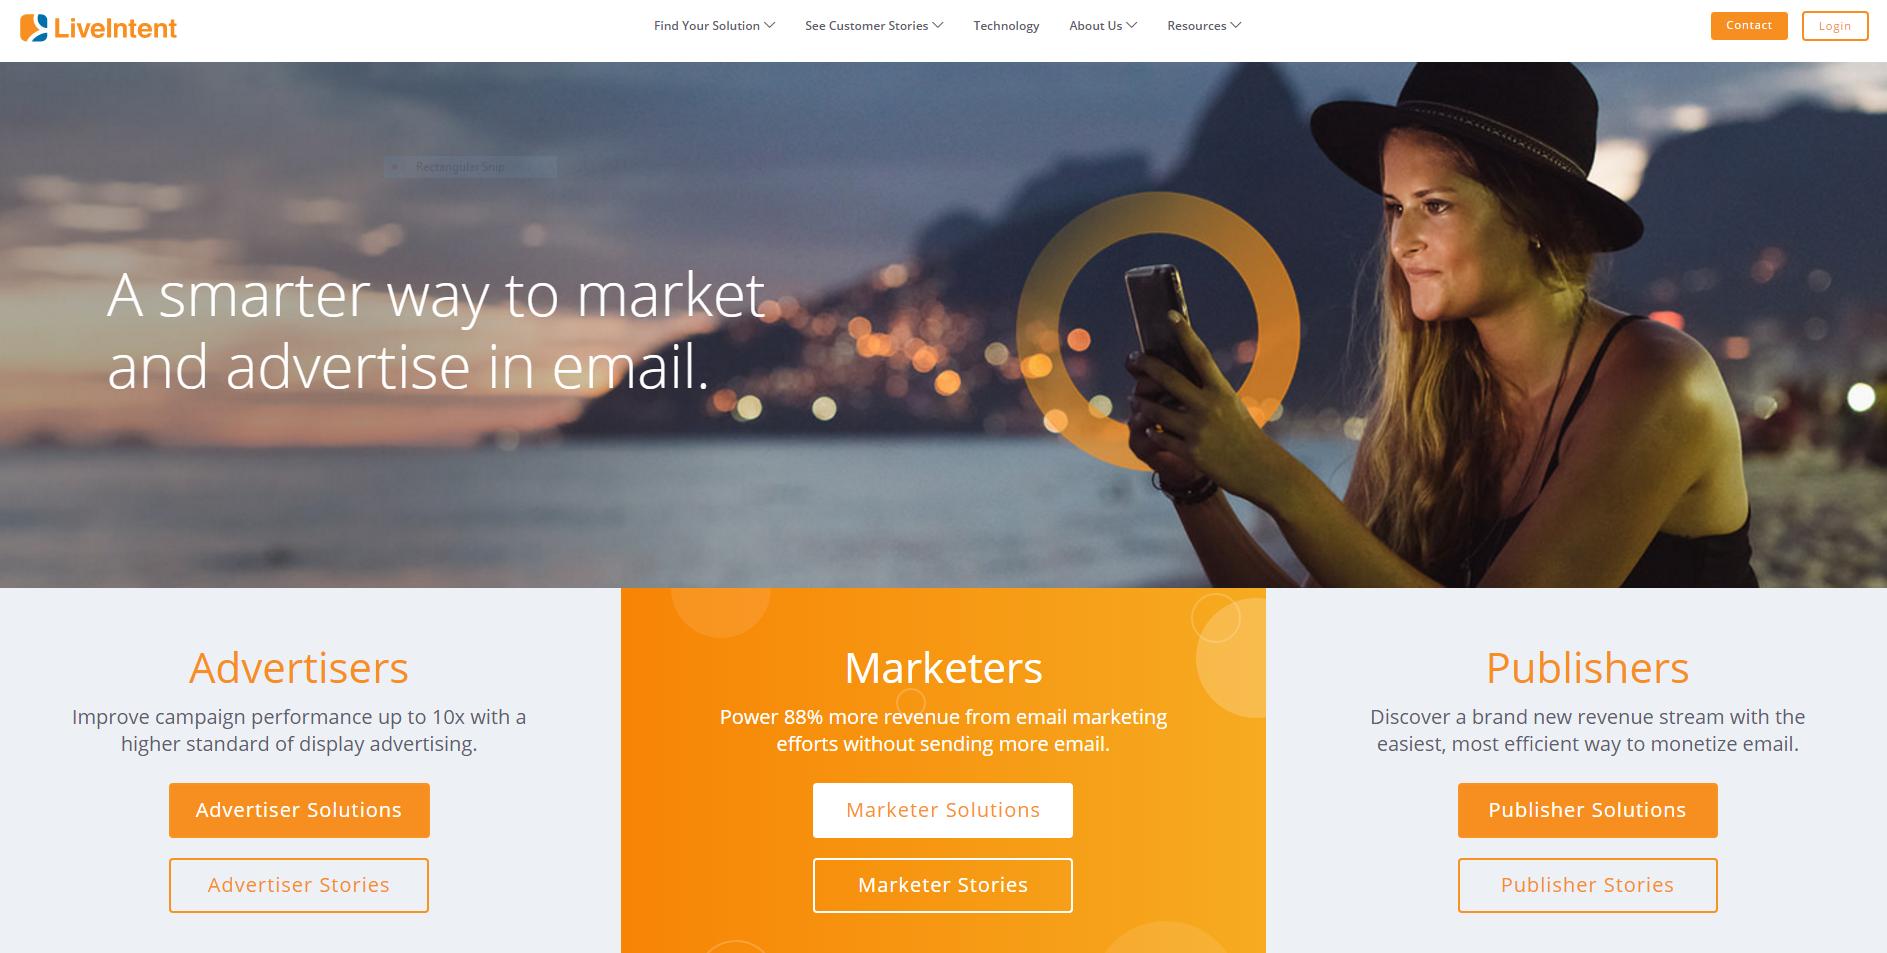 LiveIntent website